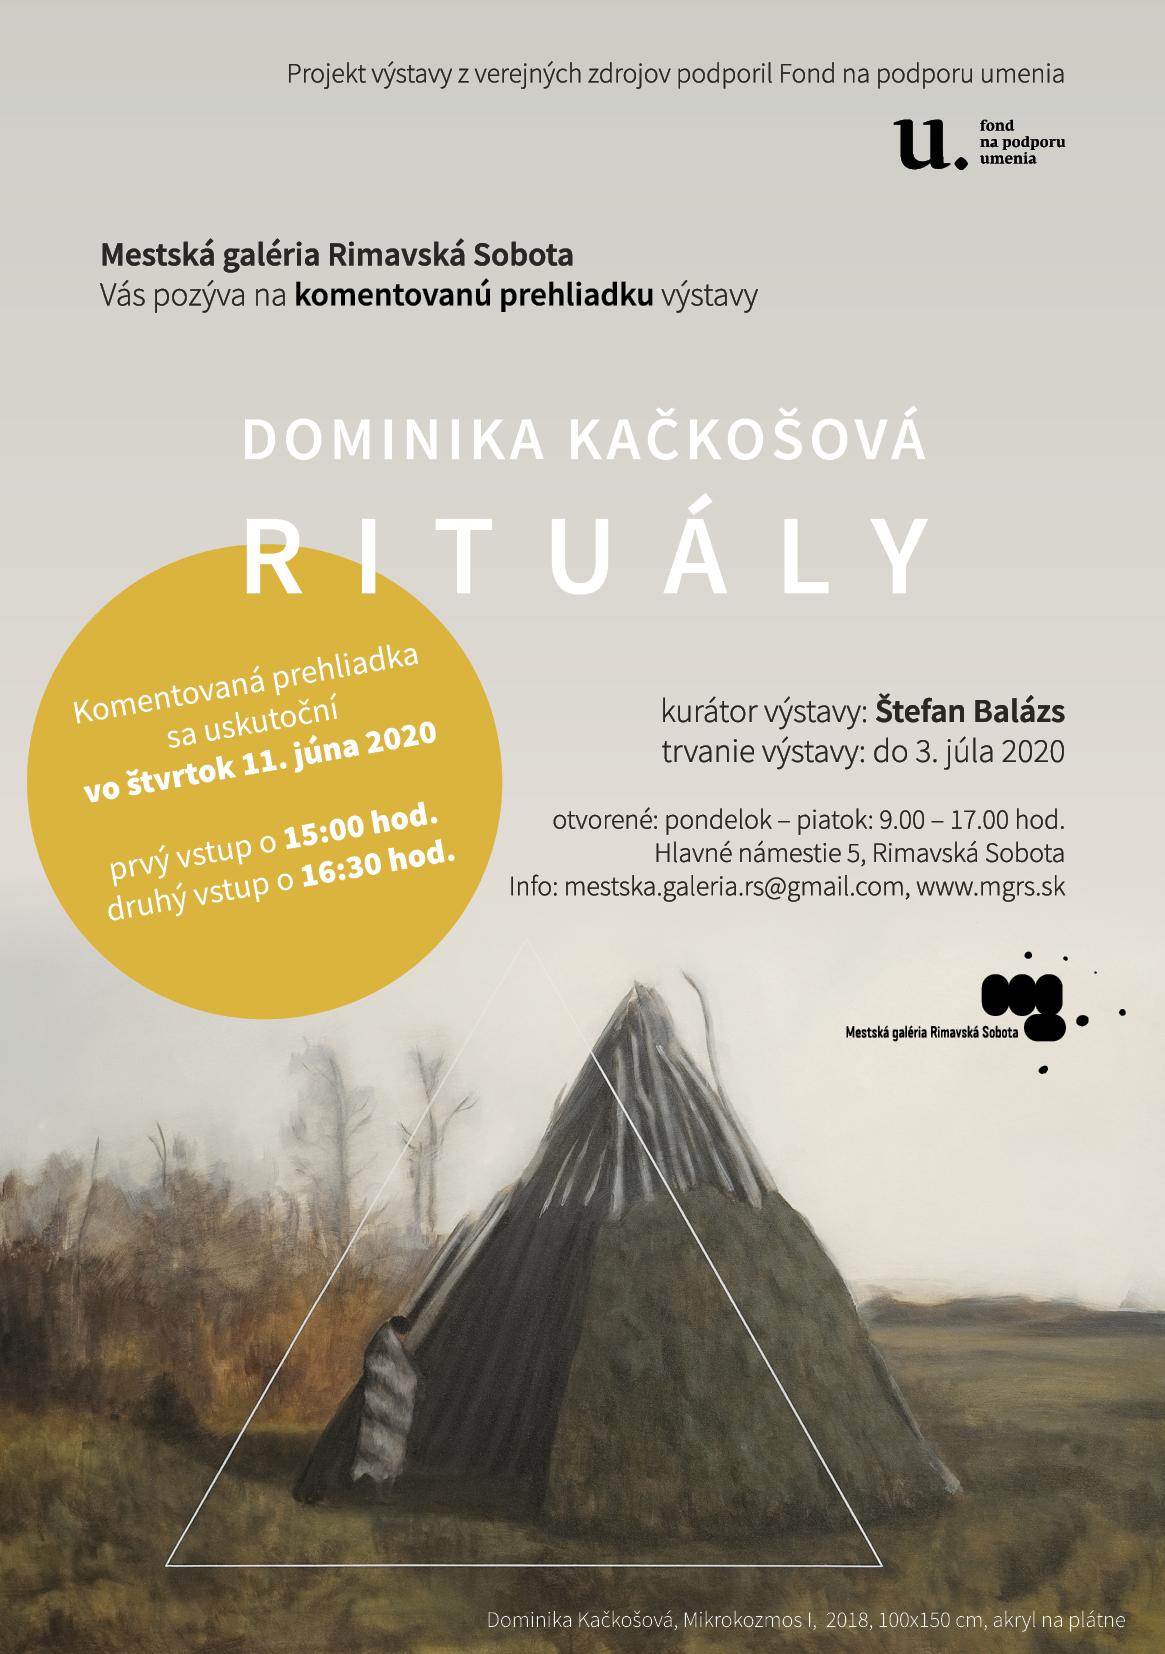 Komentovaná prehliadka výstavy Dominika Kačkošová, Rituály @ Mestská galéria Rimavská Sobota